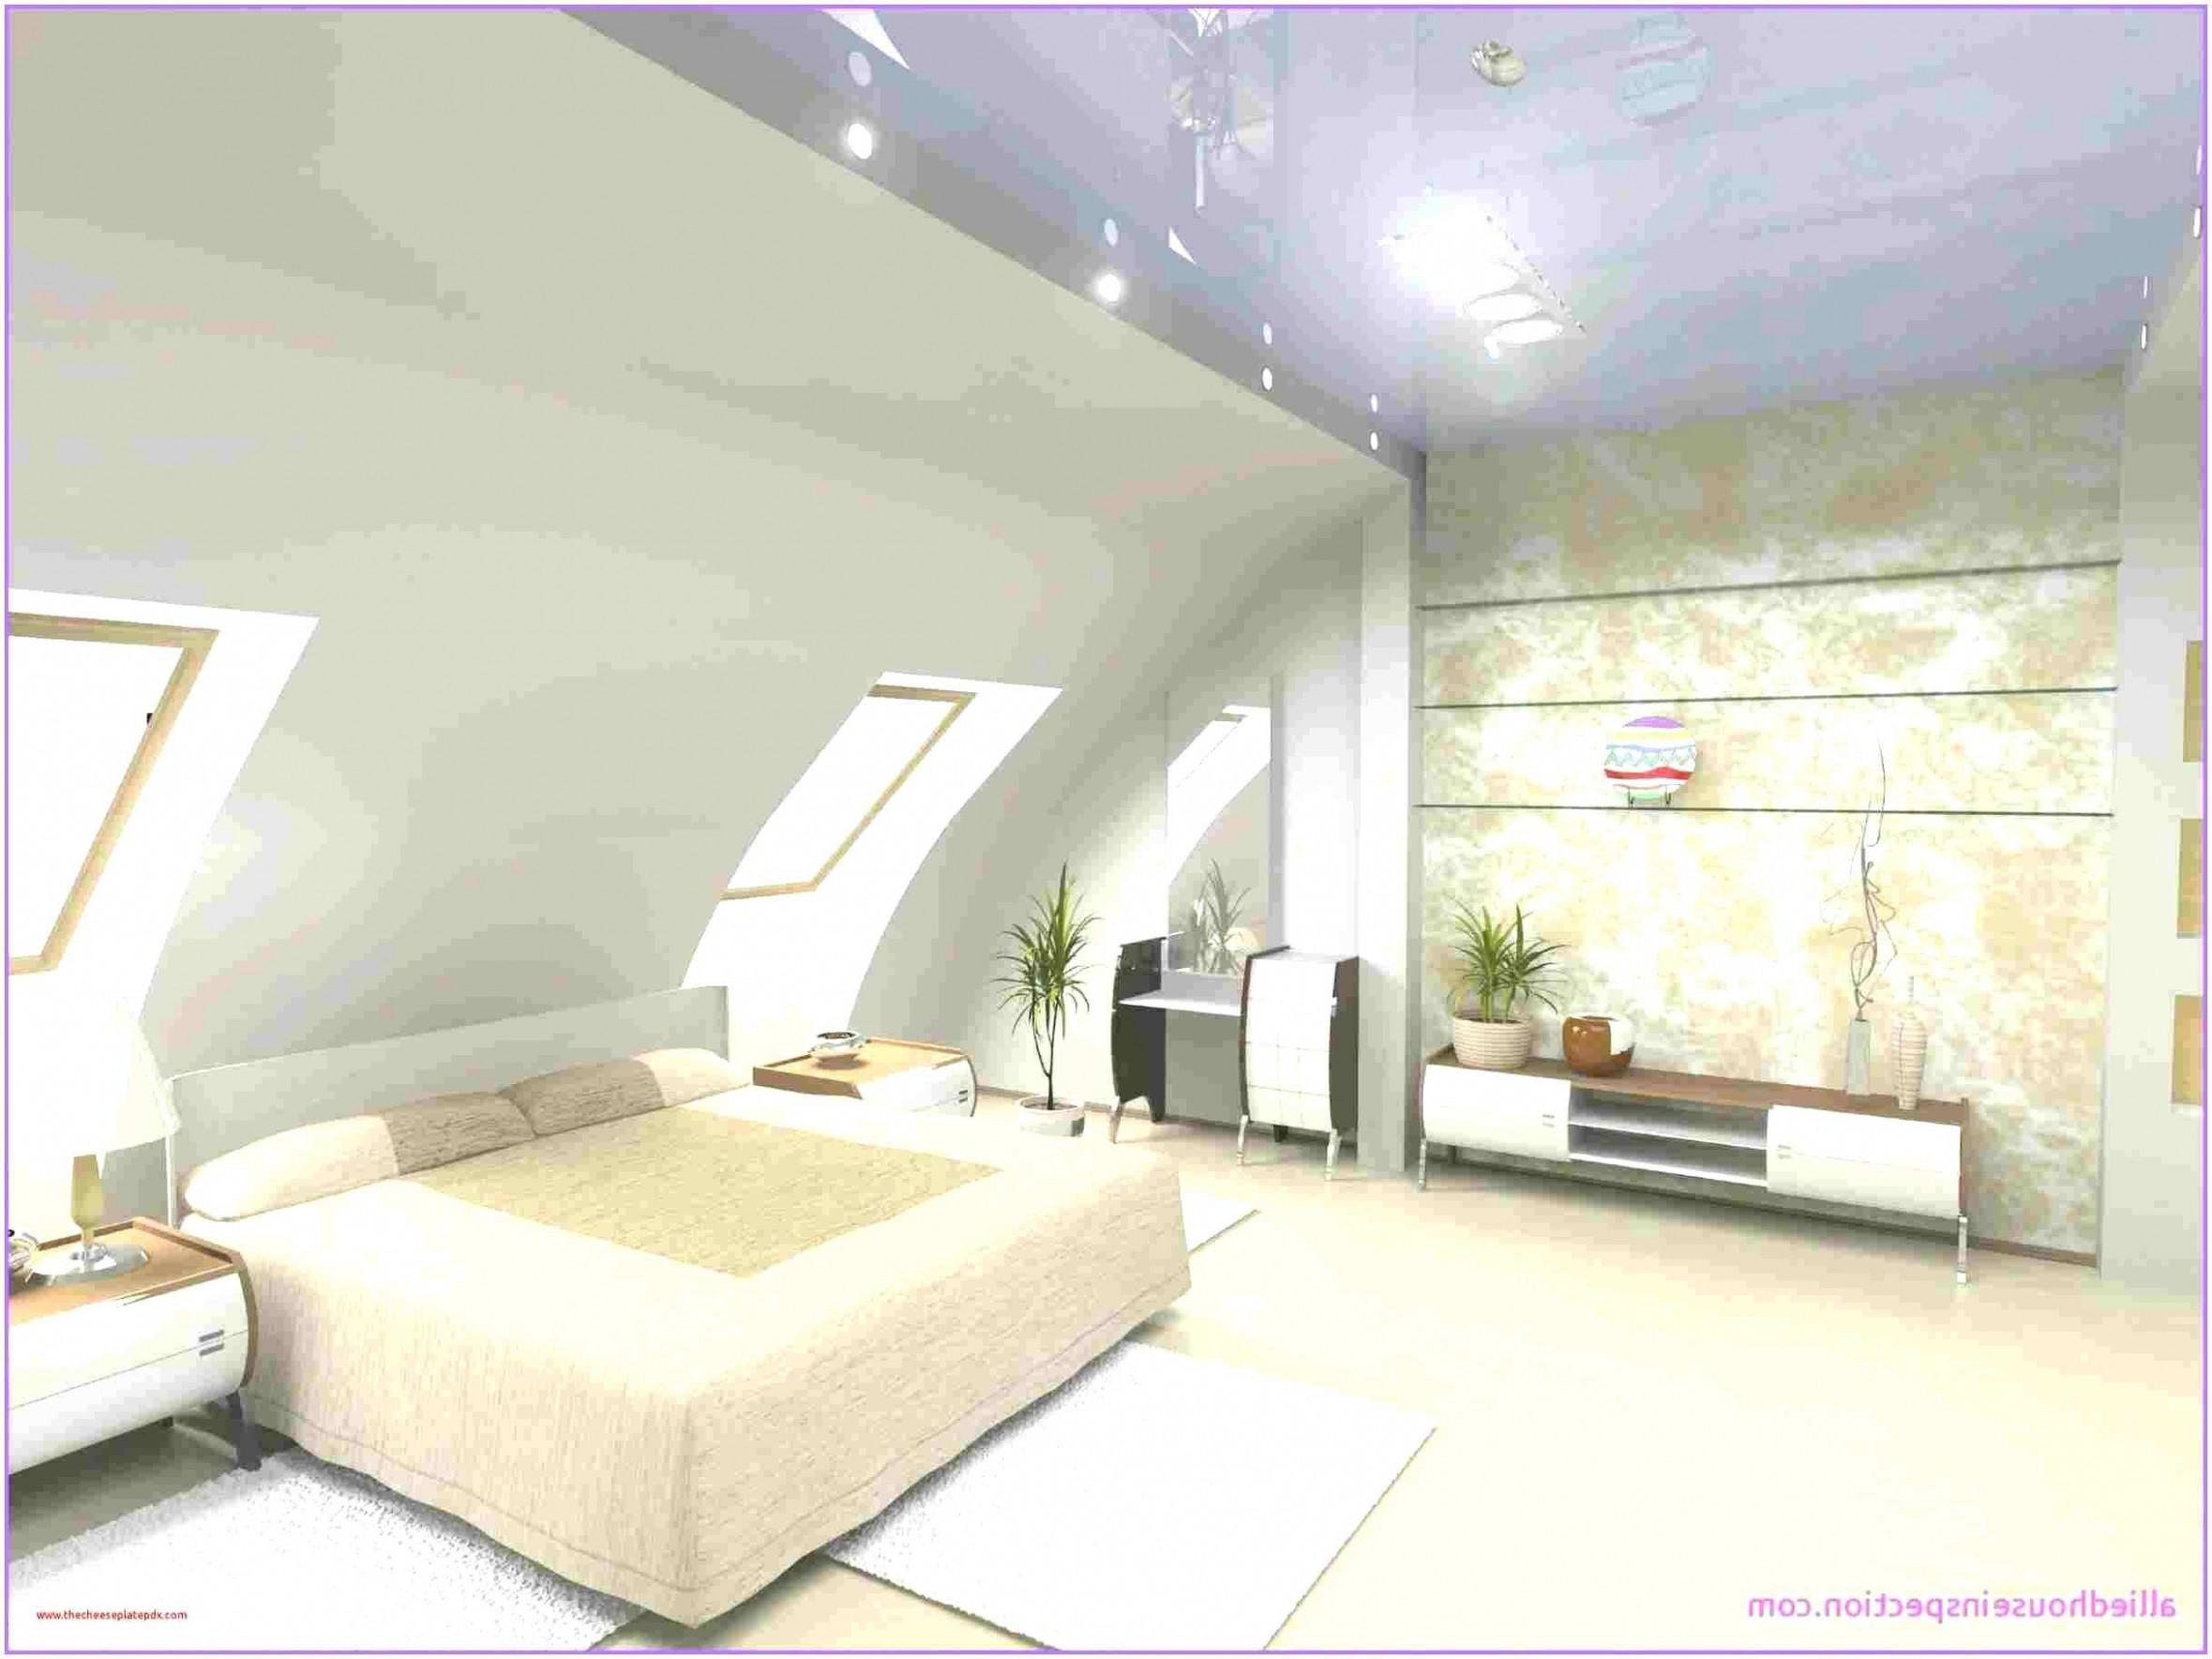 Full Size of Deckenlampen Ideen Deckenlampe Wohnzimmer Schlafzimmer Tapeten Bad Renovieren Für Modern Wohnzimmer Deckenlampen Ideen